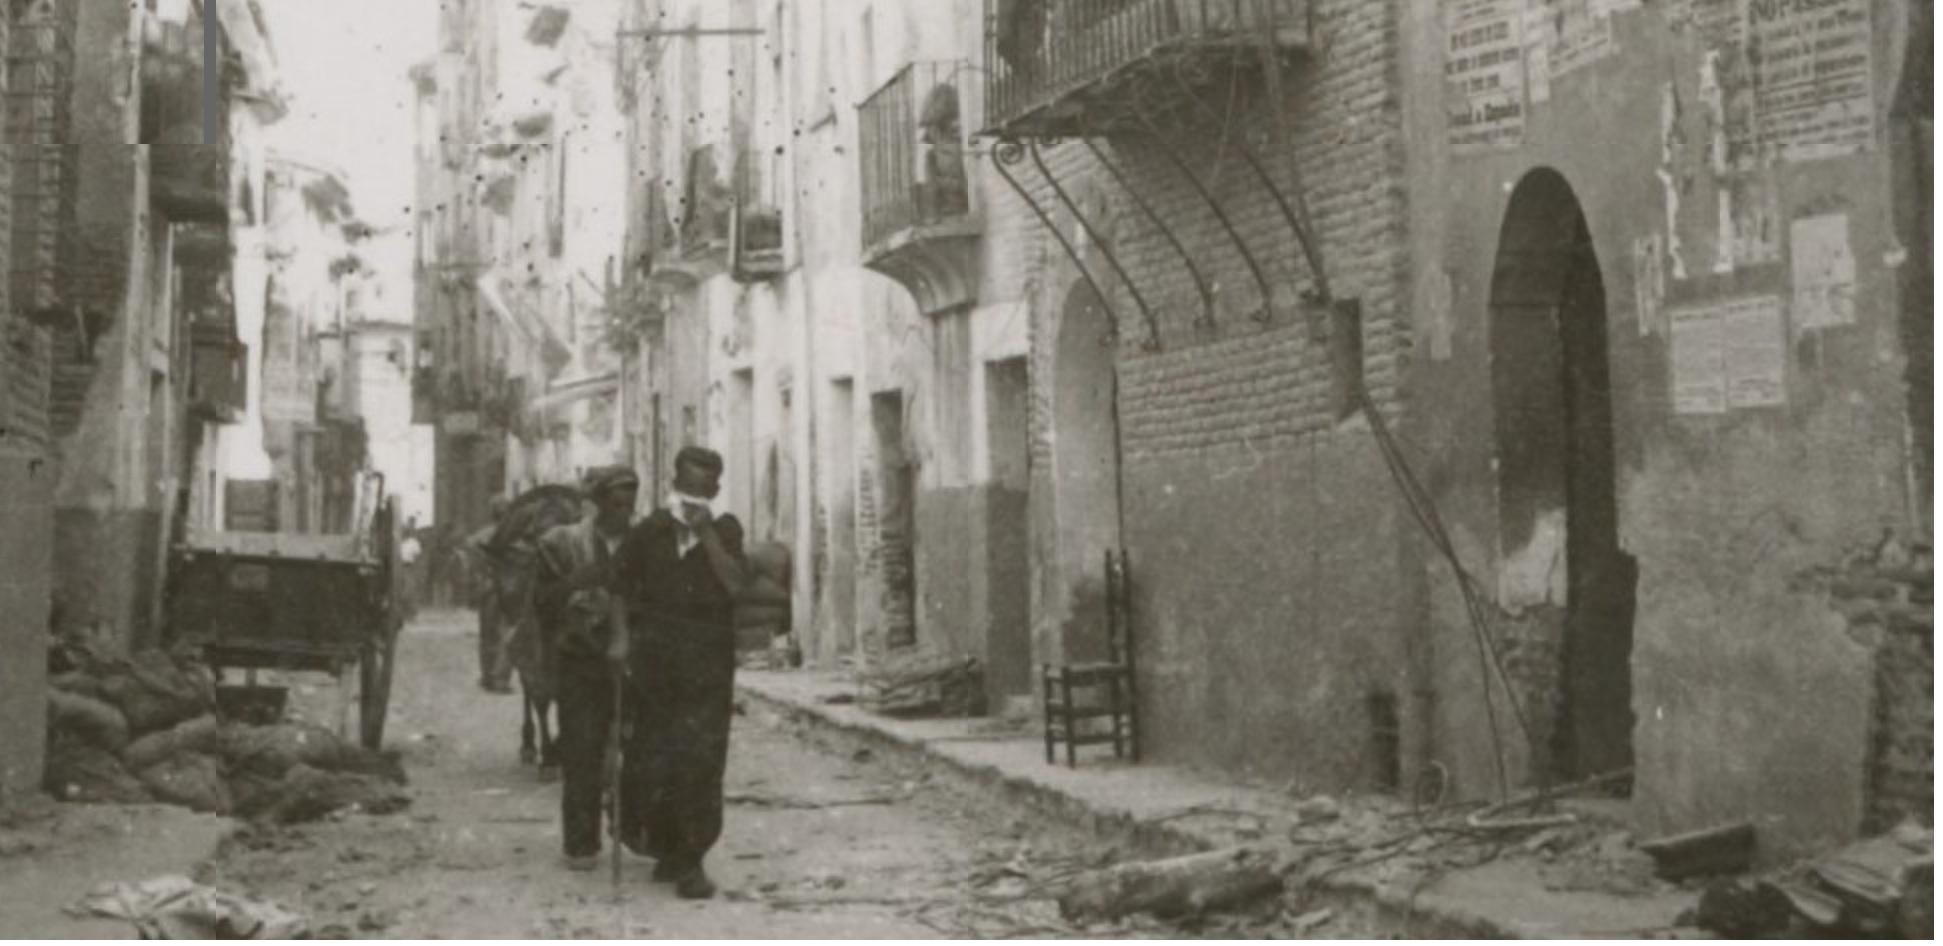 Soldiers, Belchite